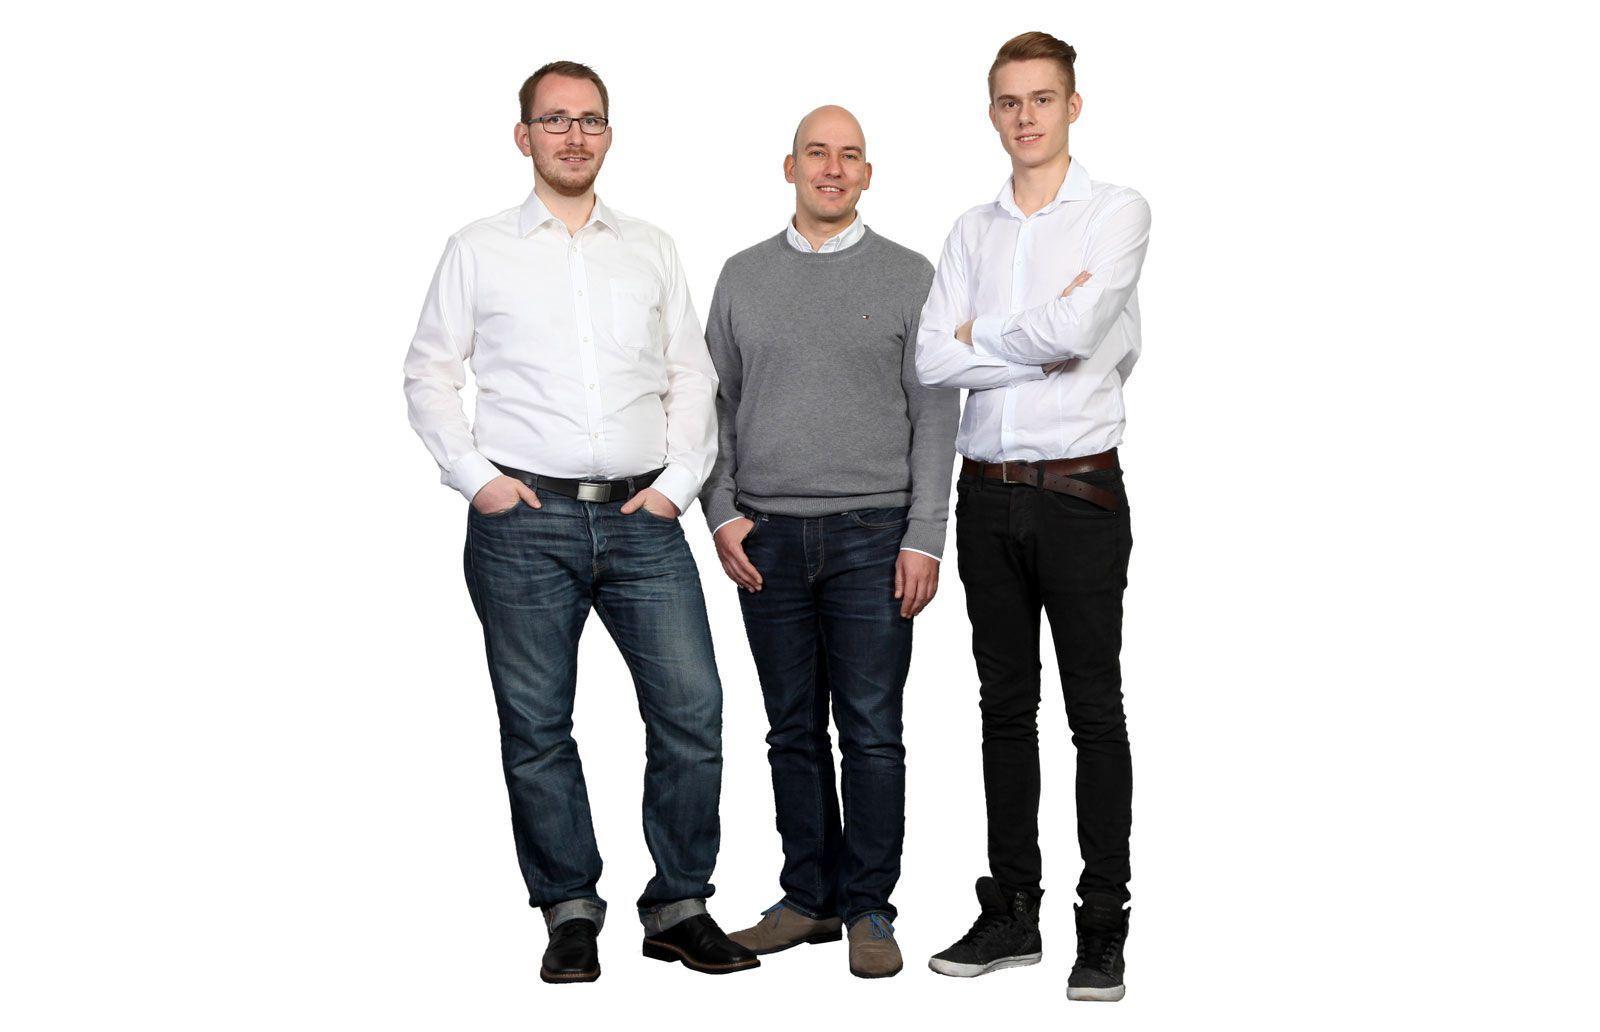 Teamfoto der Entwicklung